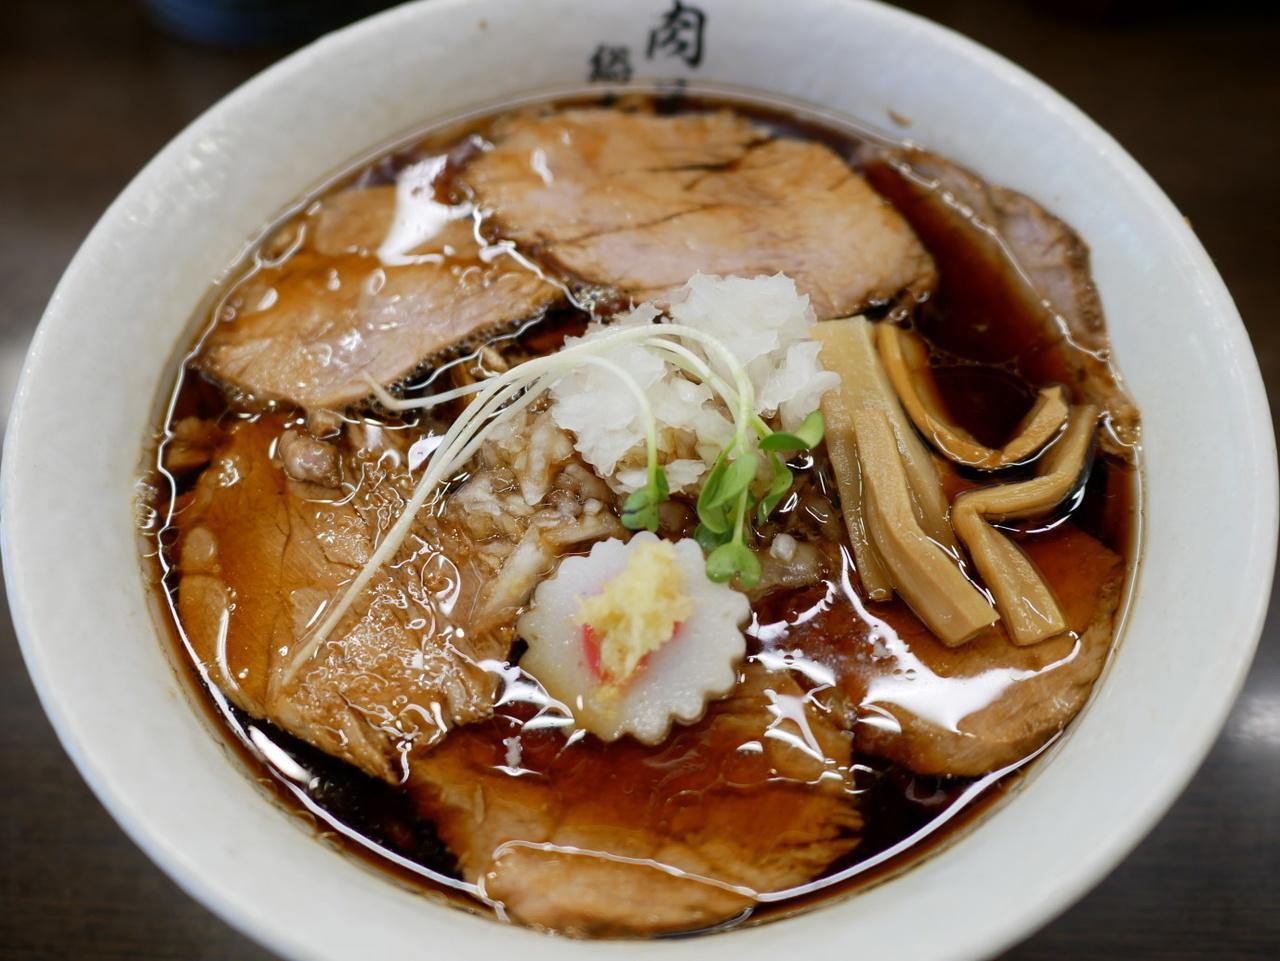 神保町で食べたいラーメン店10選!キレッキレの淡麗系にすみれプロデュースも